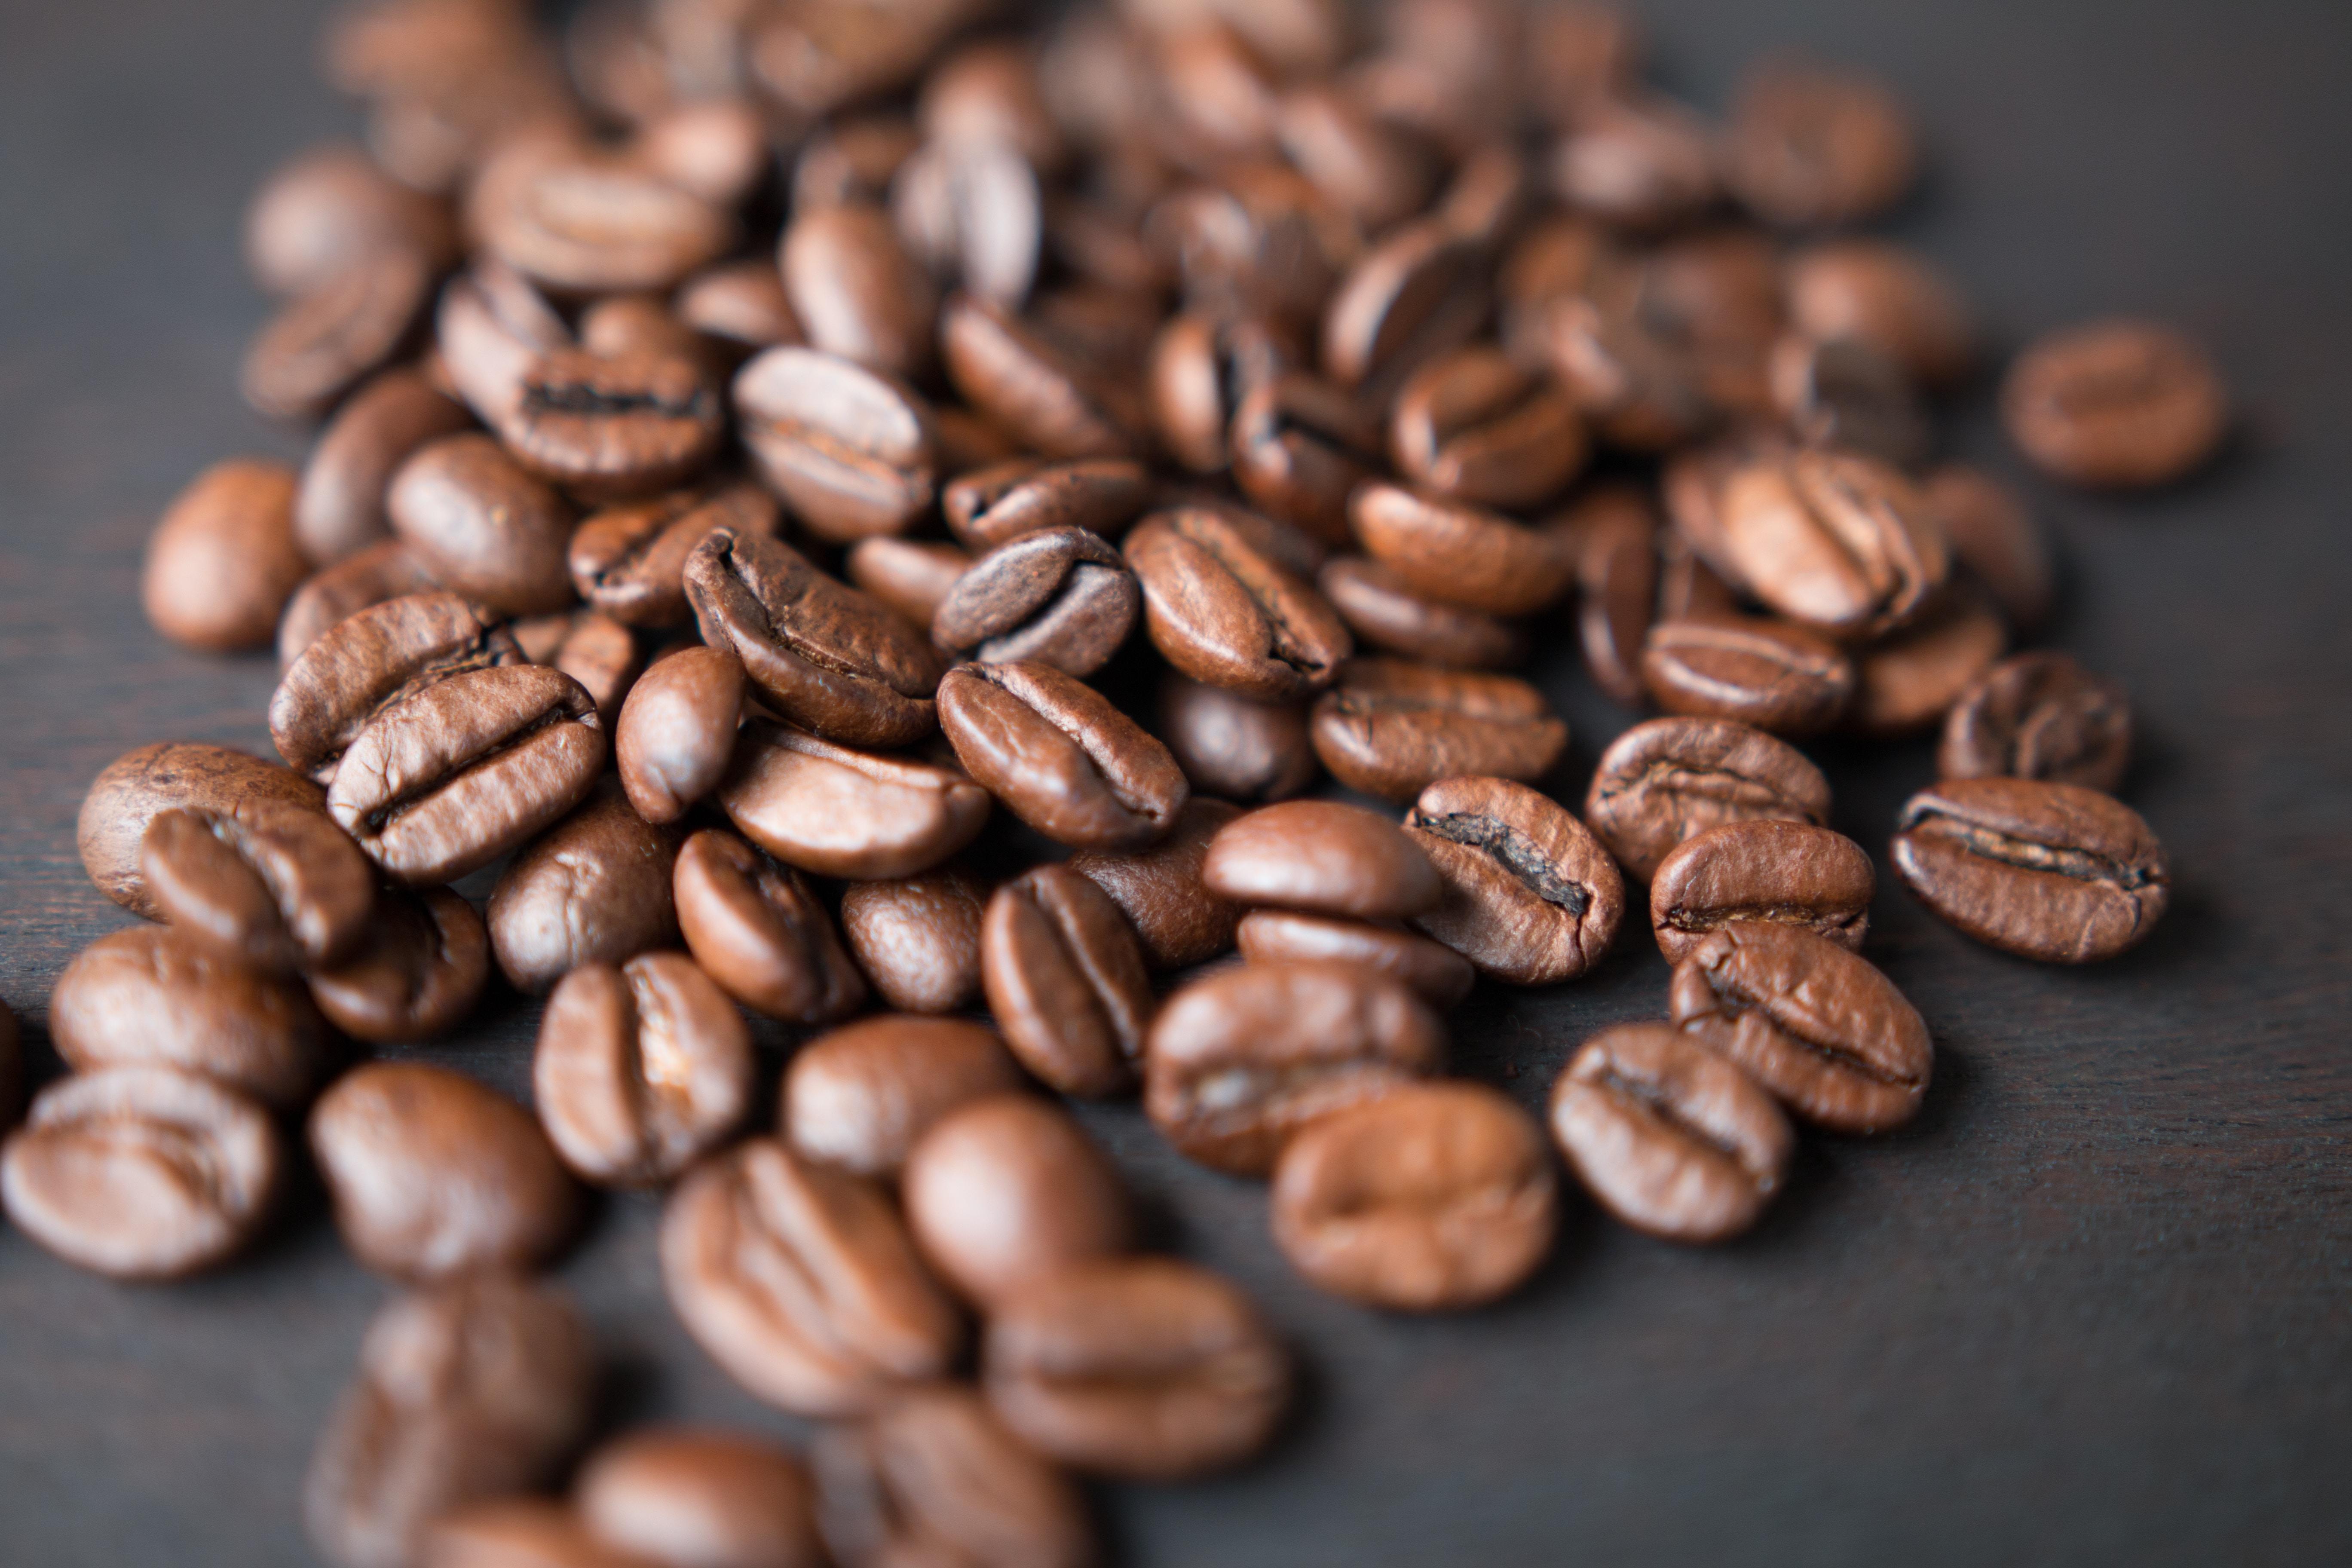 Zambie - Neznámá káva, kterou musíte ochutnat